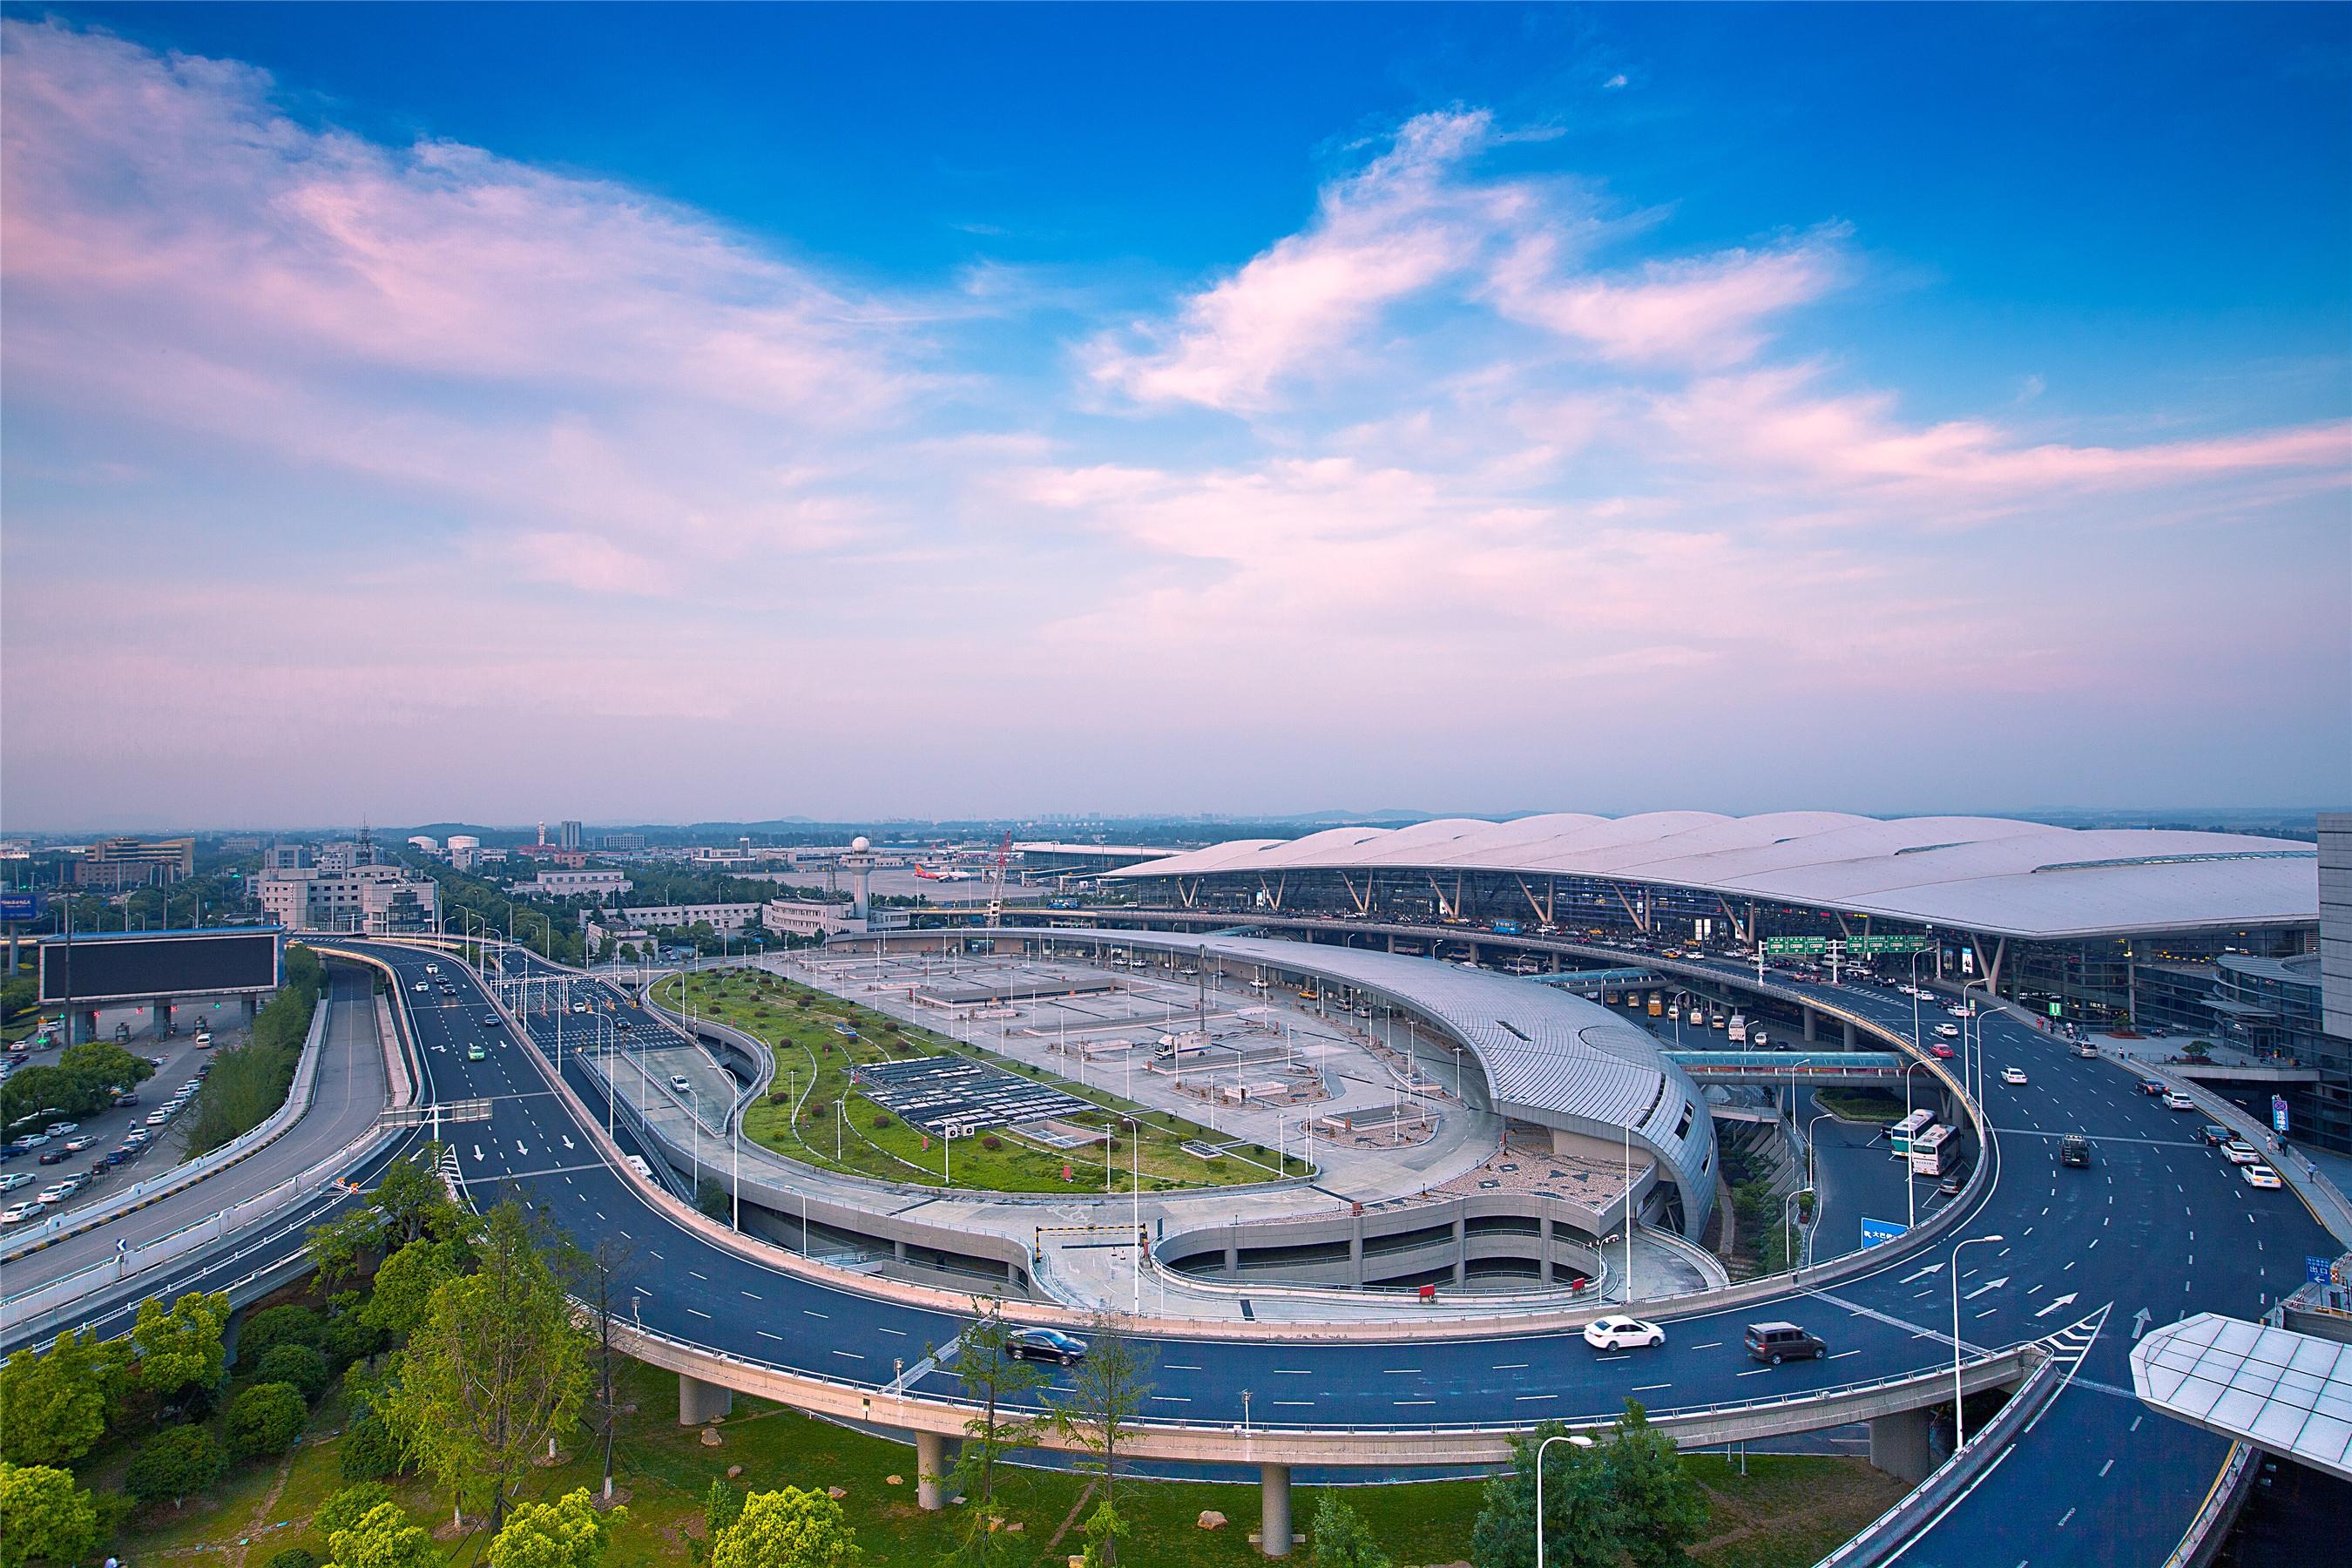 南京禄口机场获国际机场协会服务质量四项大奖